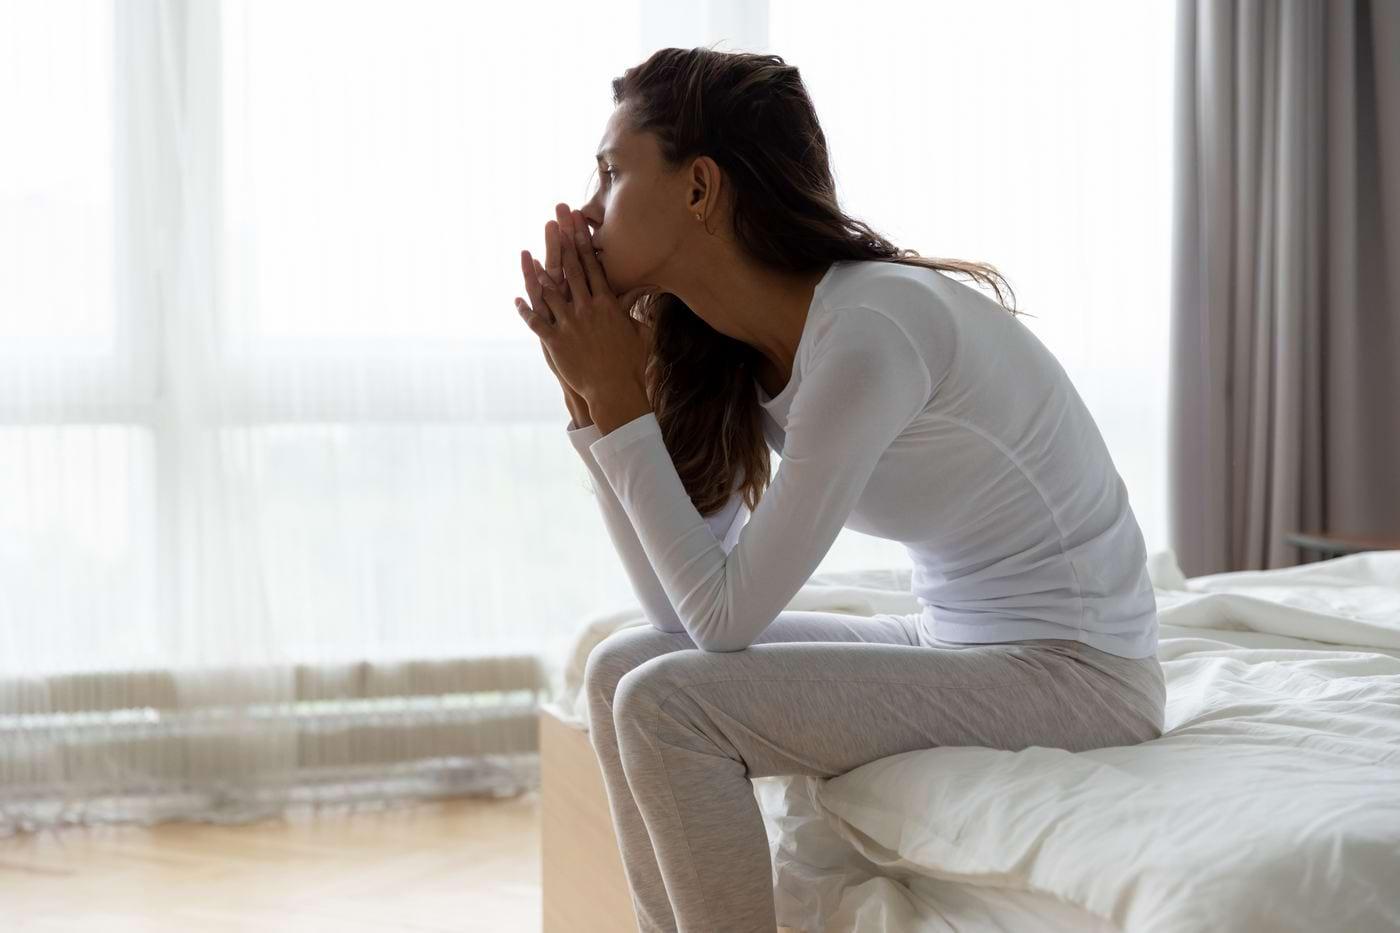 Tulburarea de personalitate evitantă - ce este și cum se manifestă?